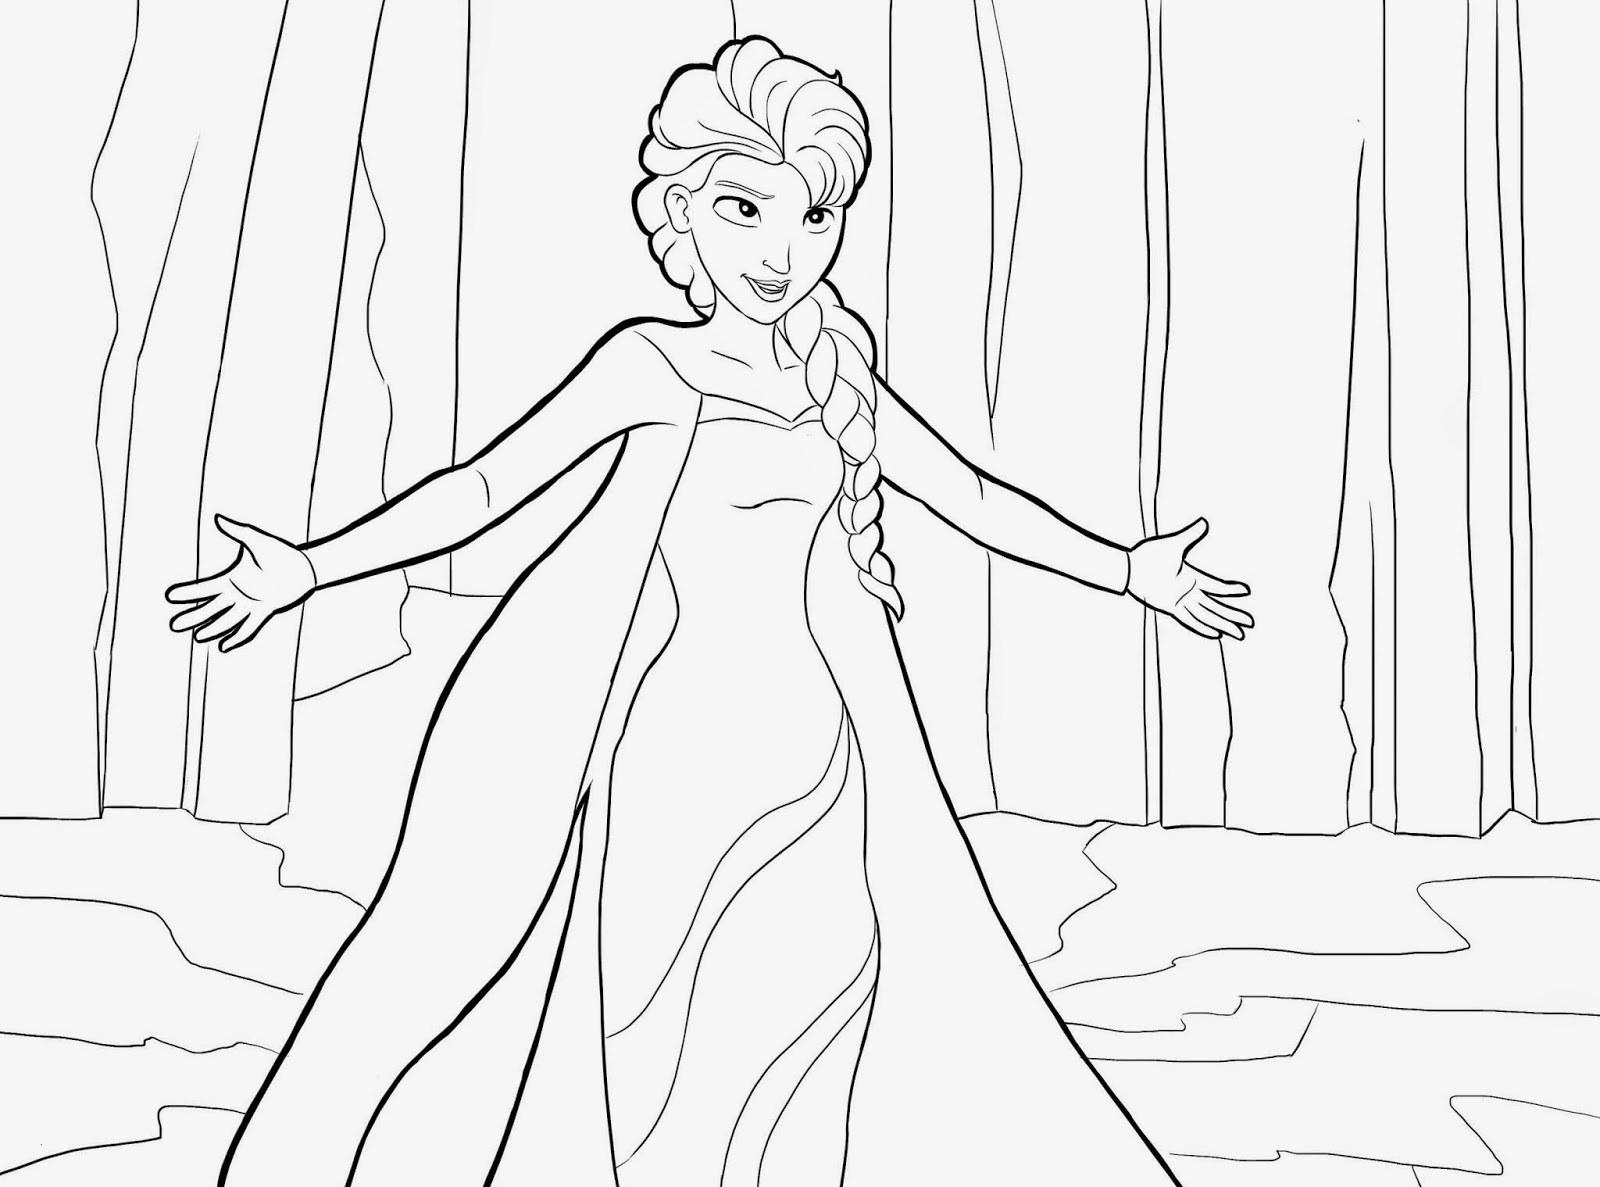 Elsa Bilder Zum Ausdrucken Inspirierend 47 Inspirierend Ausmalbilder Zum Ausdrucken Elsa Beste Malvorlage Das Bild